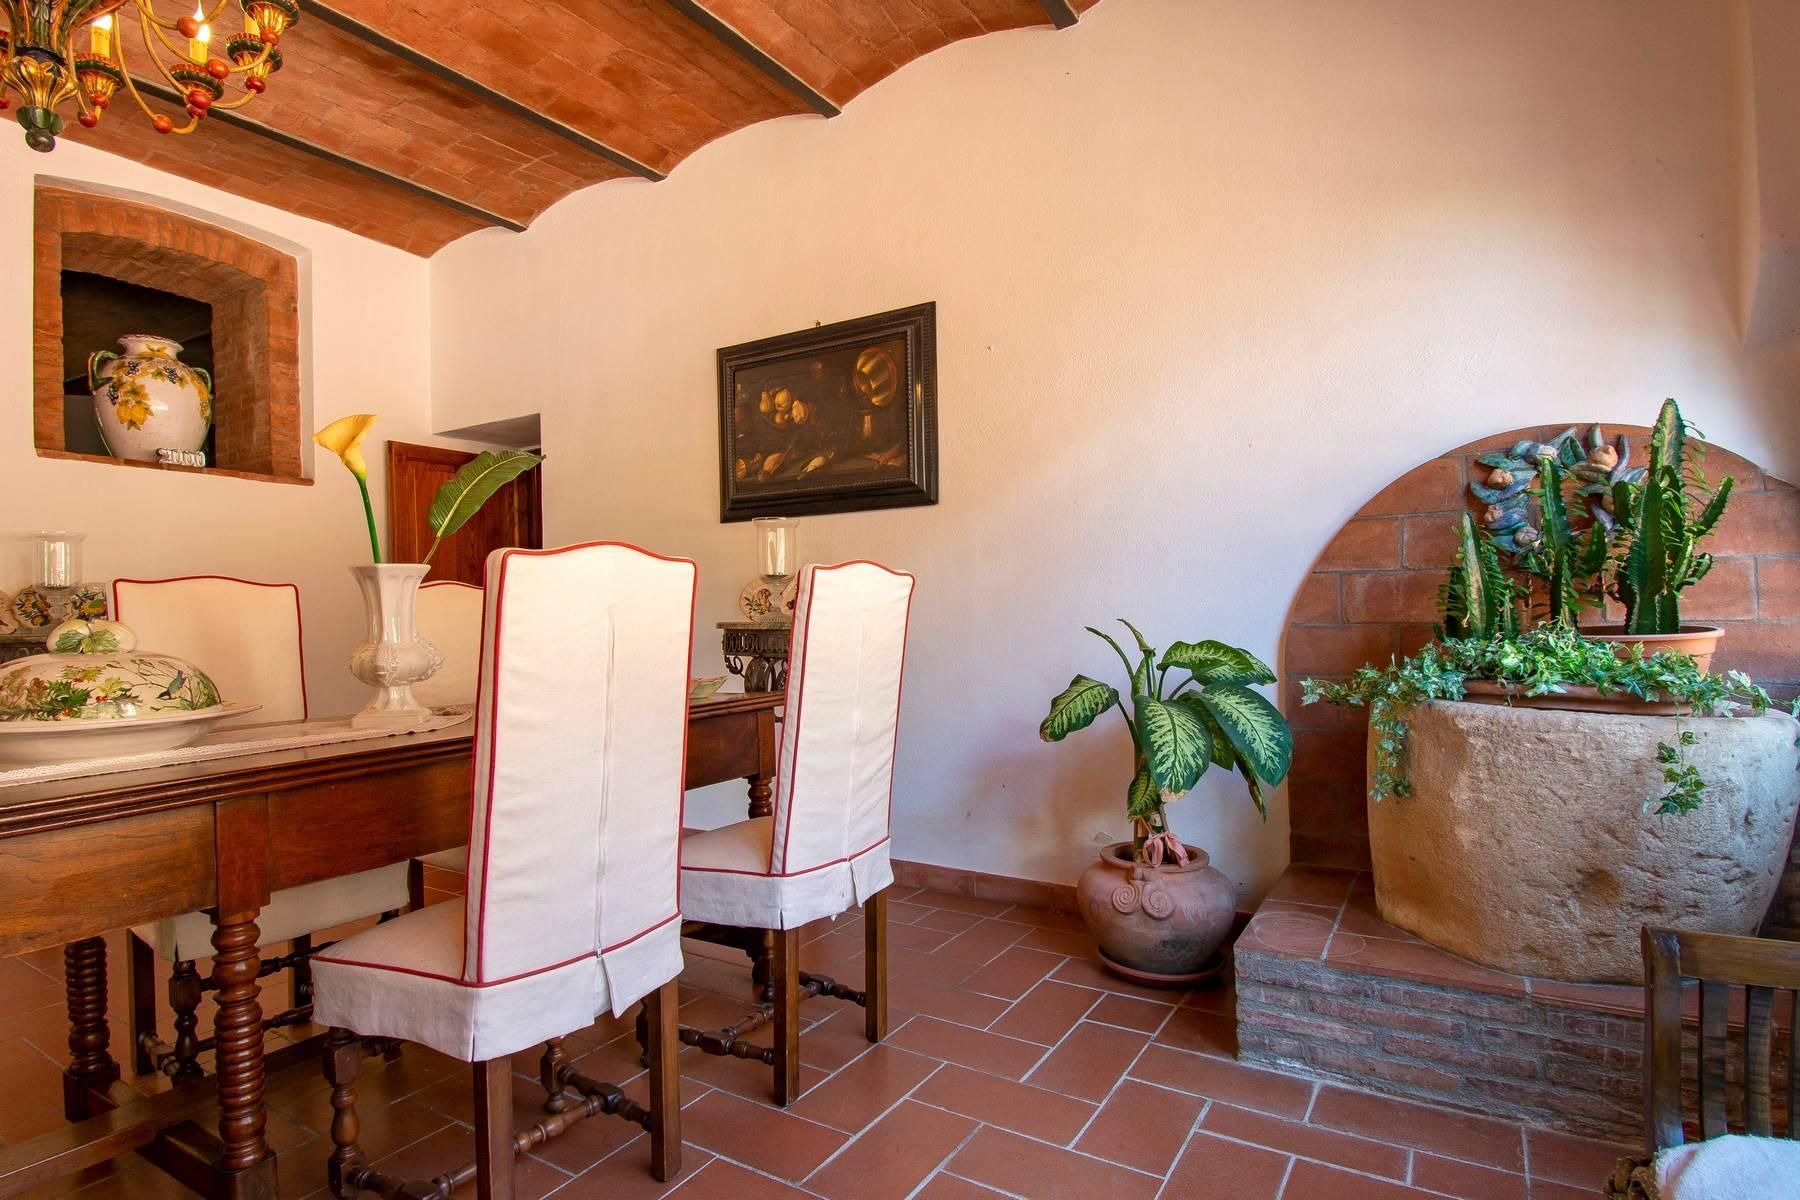 Esclusive wine estate in the heart of Chianti classico - 35